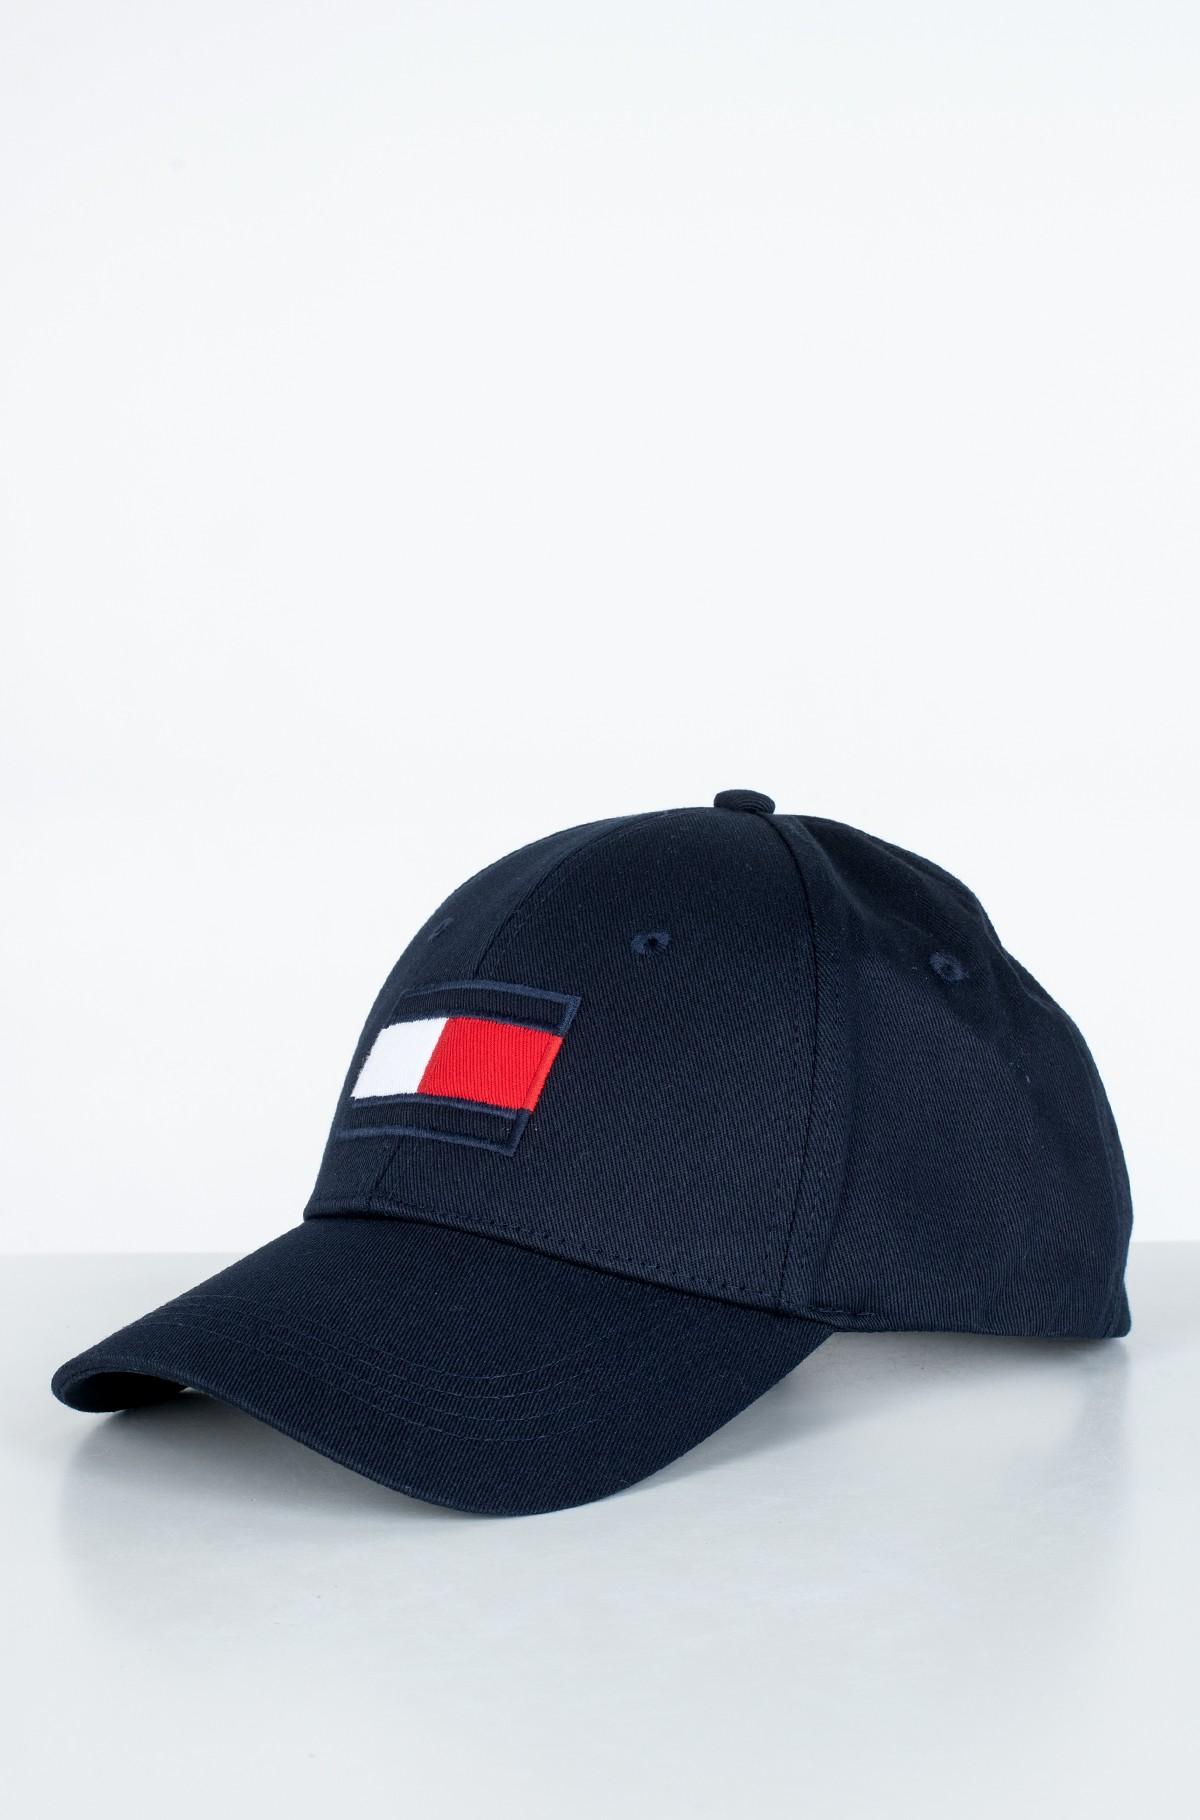 Nokamüts BIG FLAG CAP-full-1